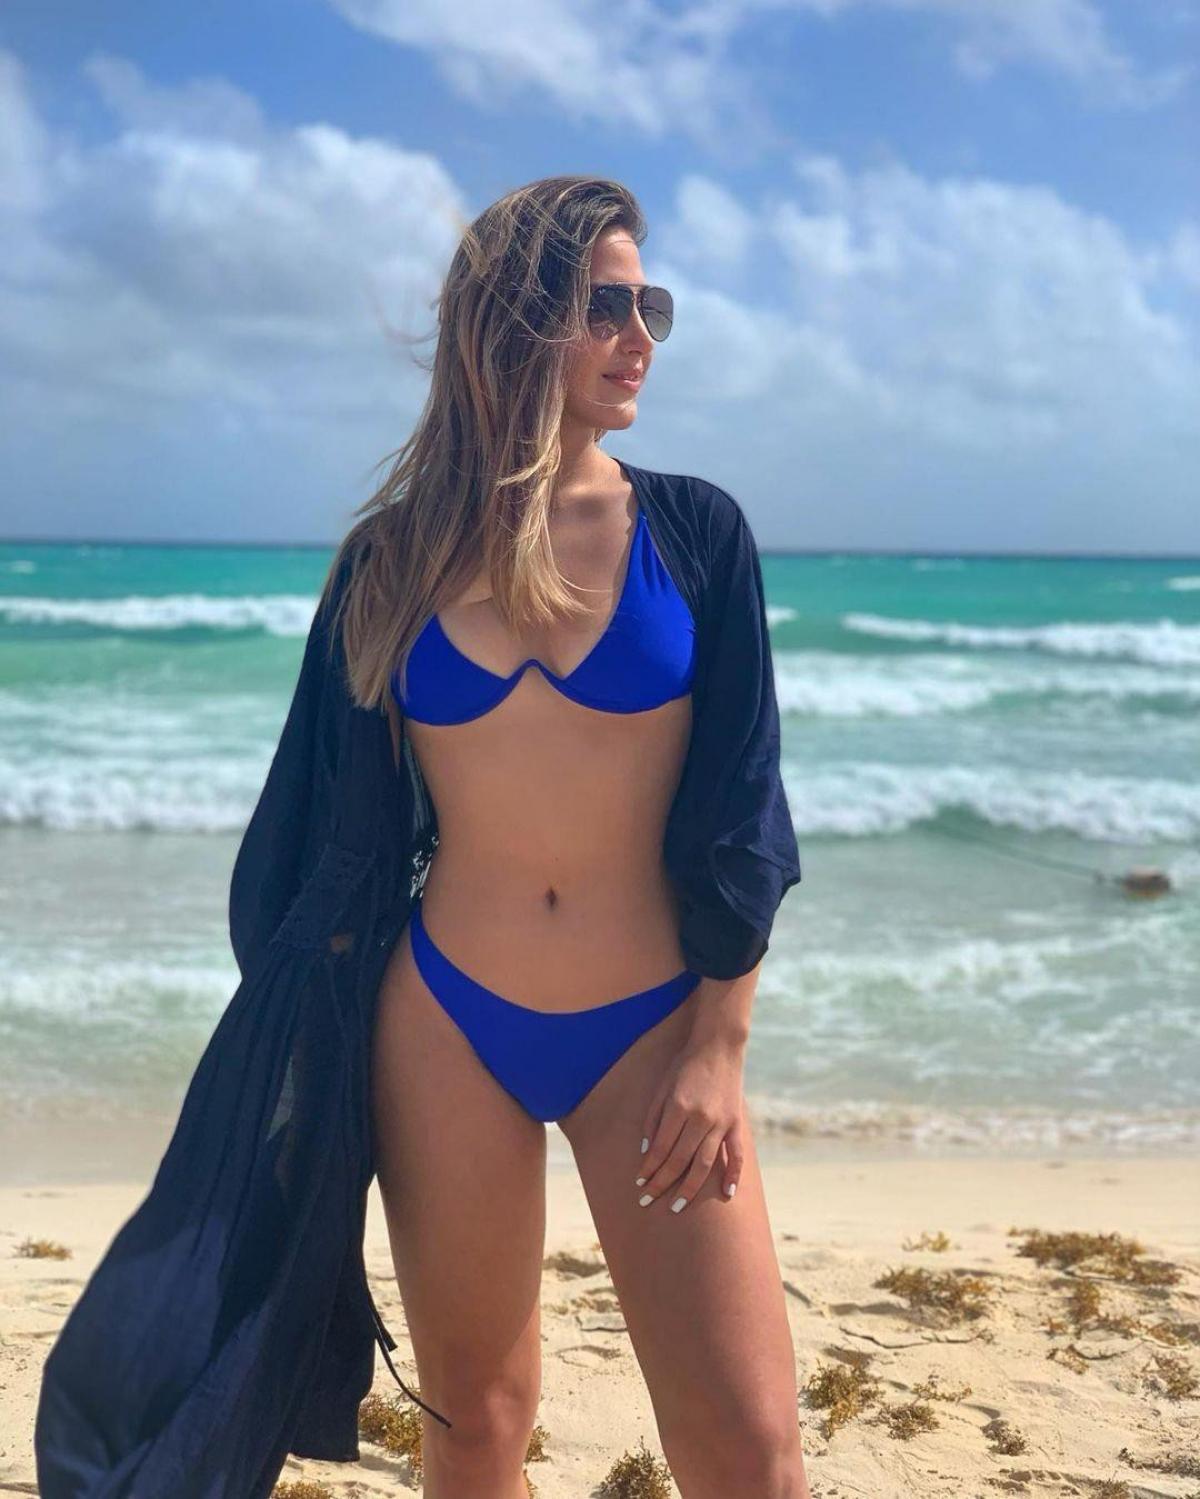 Michelle Calderon hiện đang là một vận động viên bóng chuyền, vũ công ba lê và đang chuẩn bị thi đấu trong lĩnh vực bơi lội.